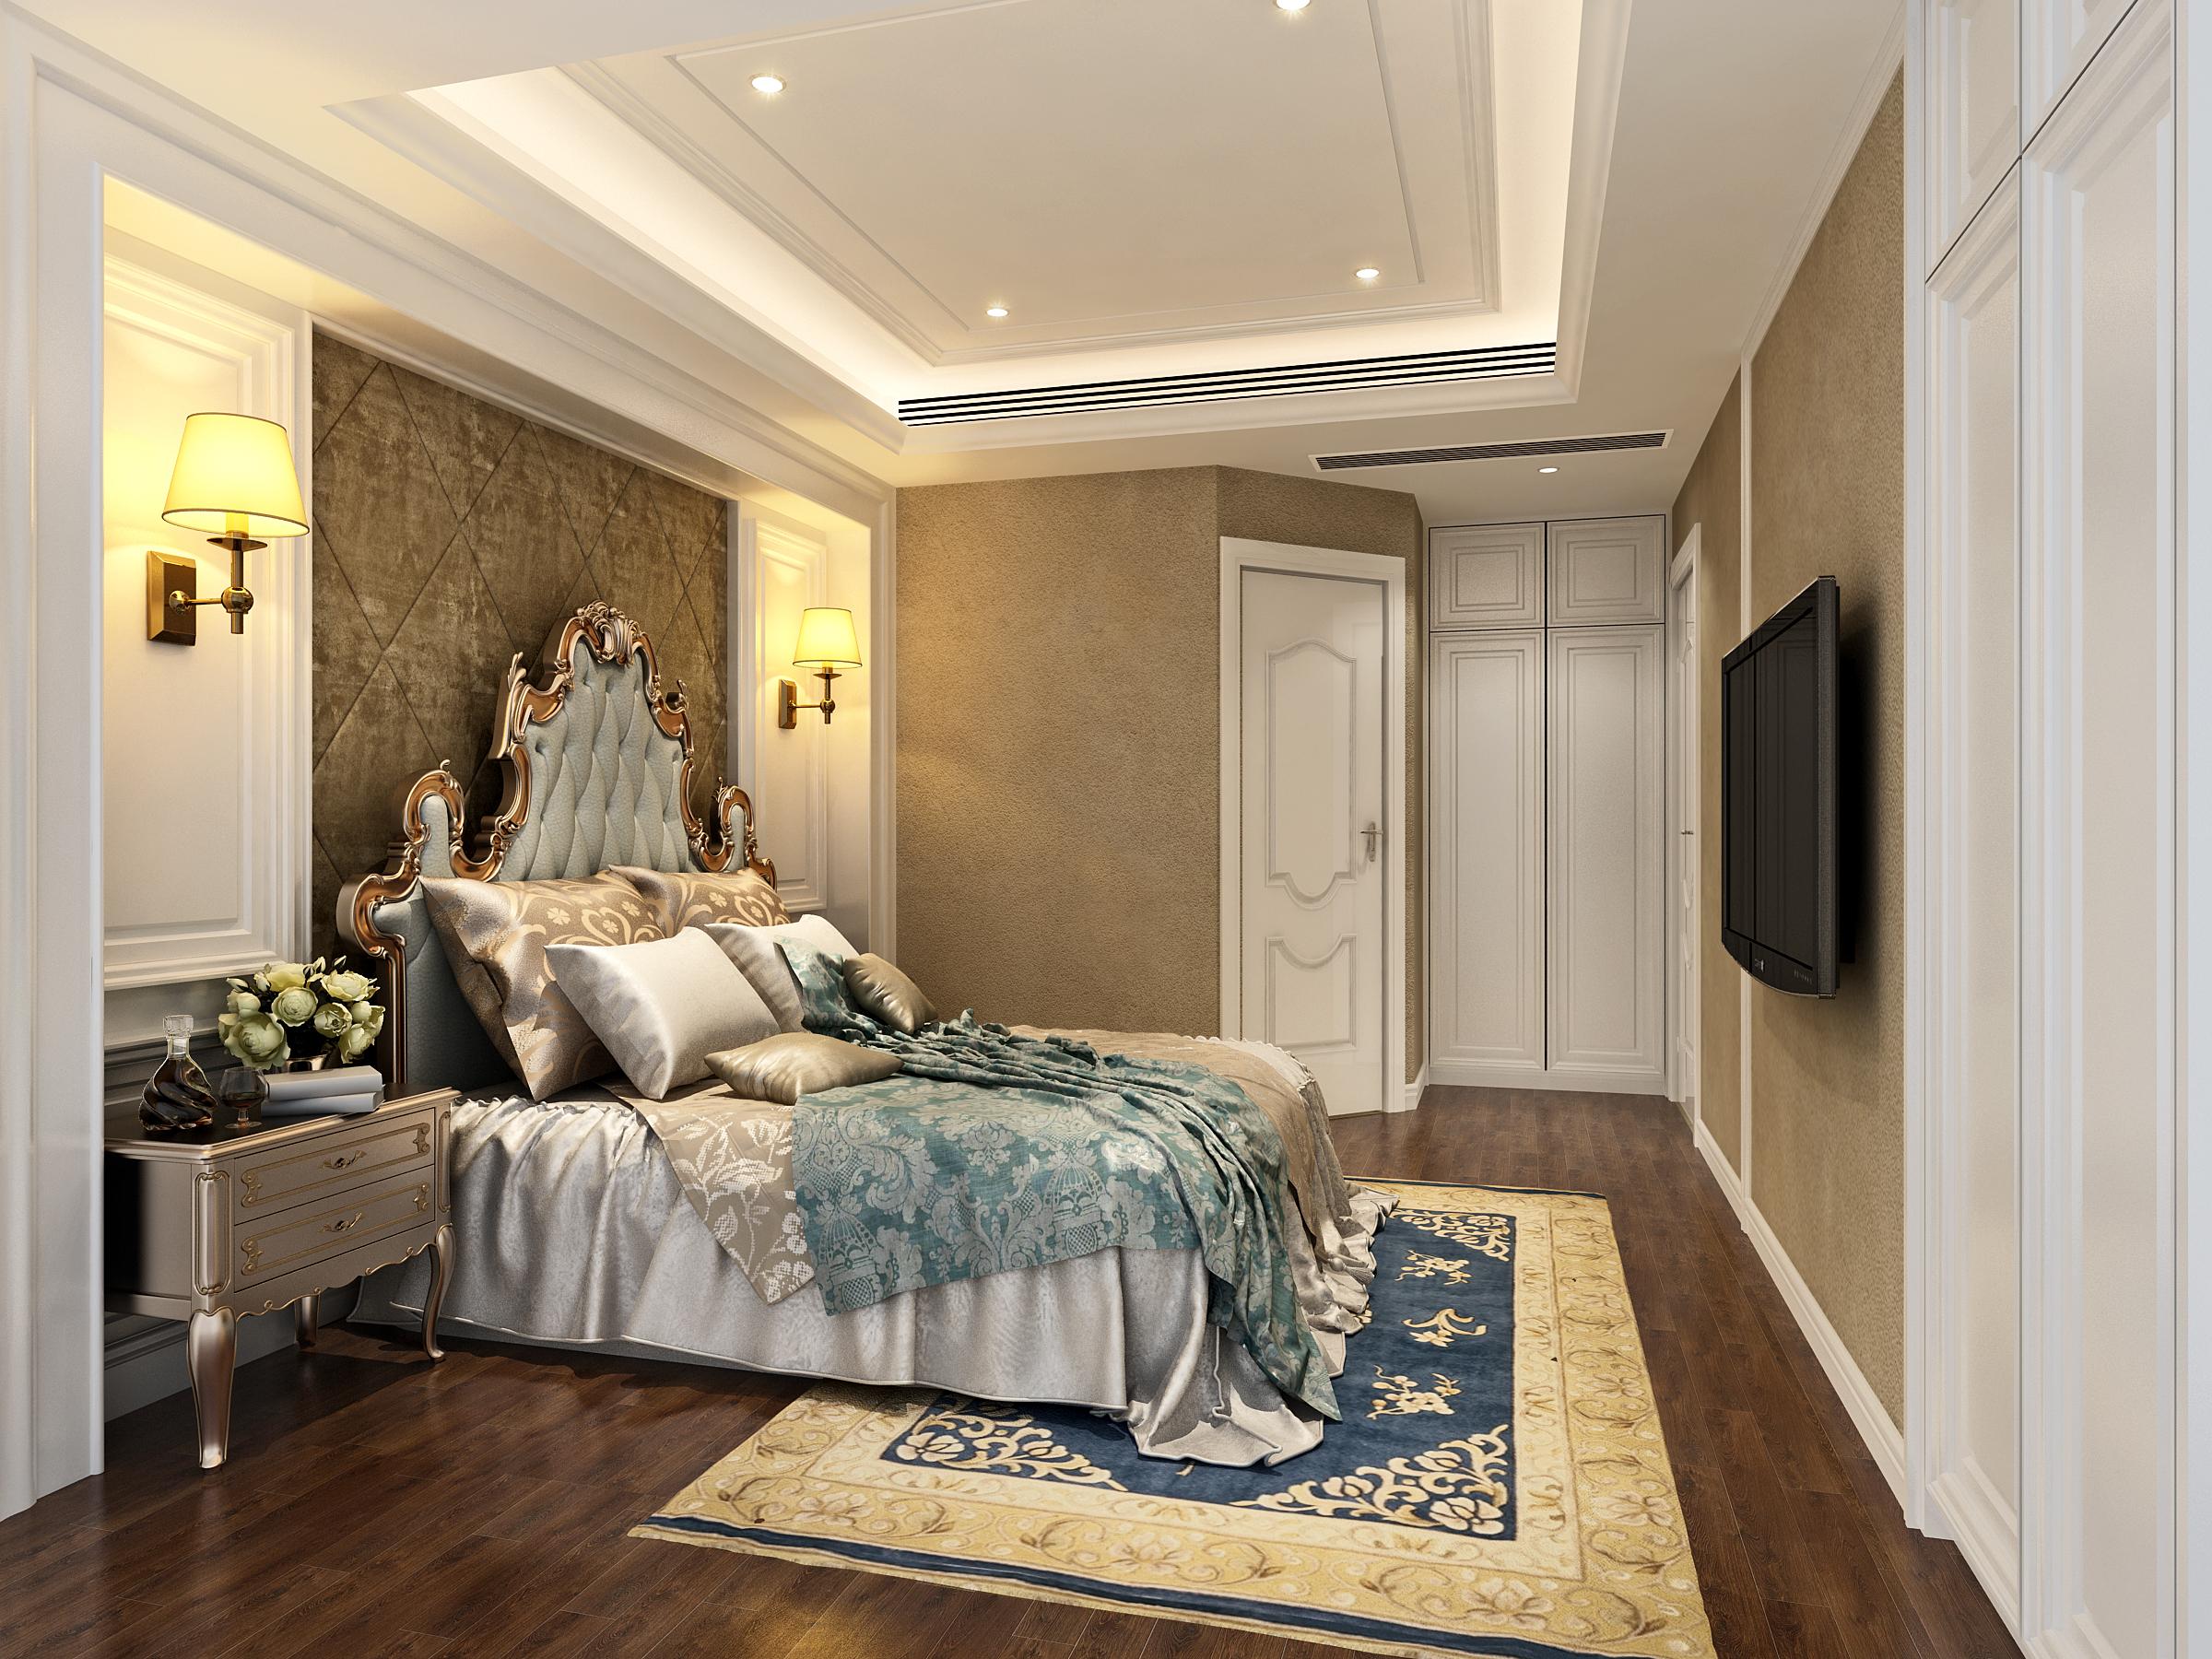 欧式 小资 别墅 混搭 田园 简约 三居 卧室图片来自唐锋设计在世茂滨江新城的分享